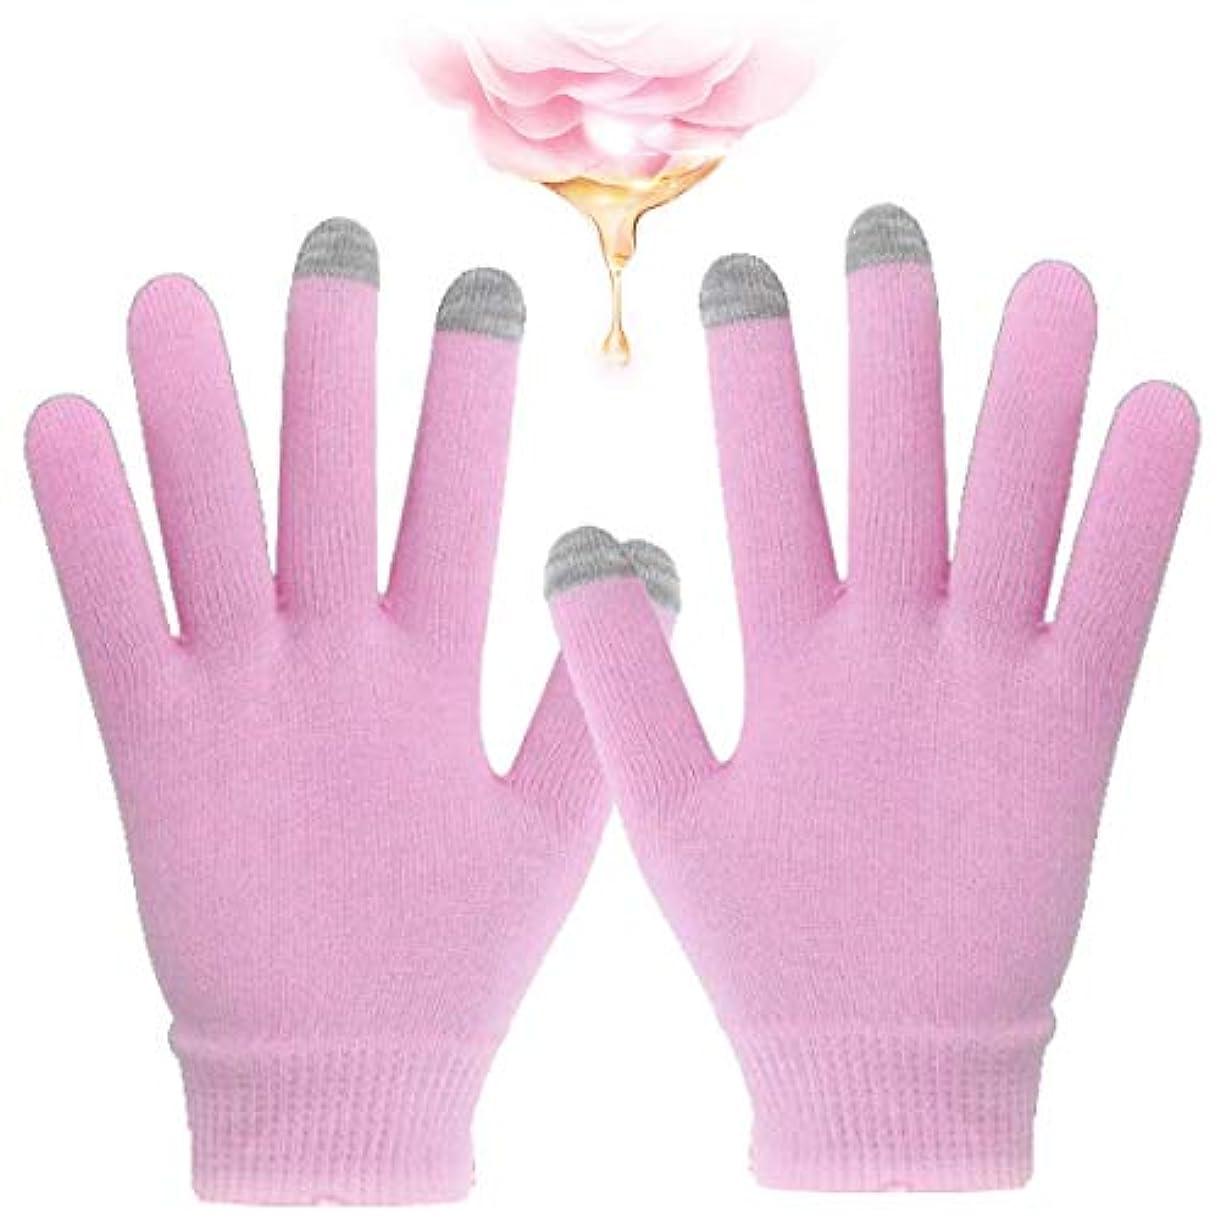 森古くなったサバントハンドケア 手袋 スマホ対応 手袋 ゲル 保湿 美容成分配合 手荒れ 対策 おやすみ スキンケア グローブ うるおい 保護 タブレット